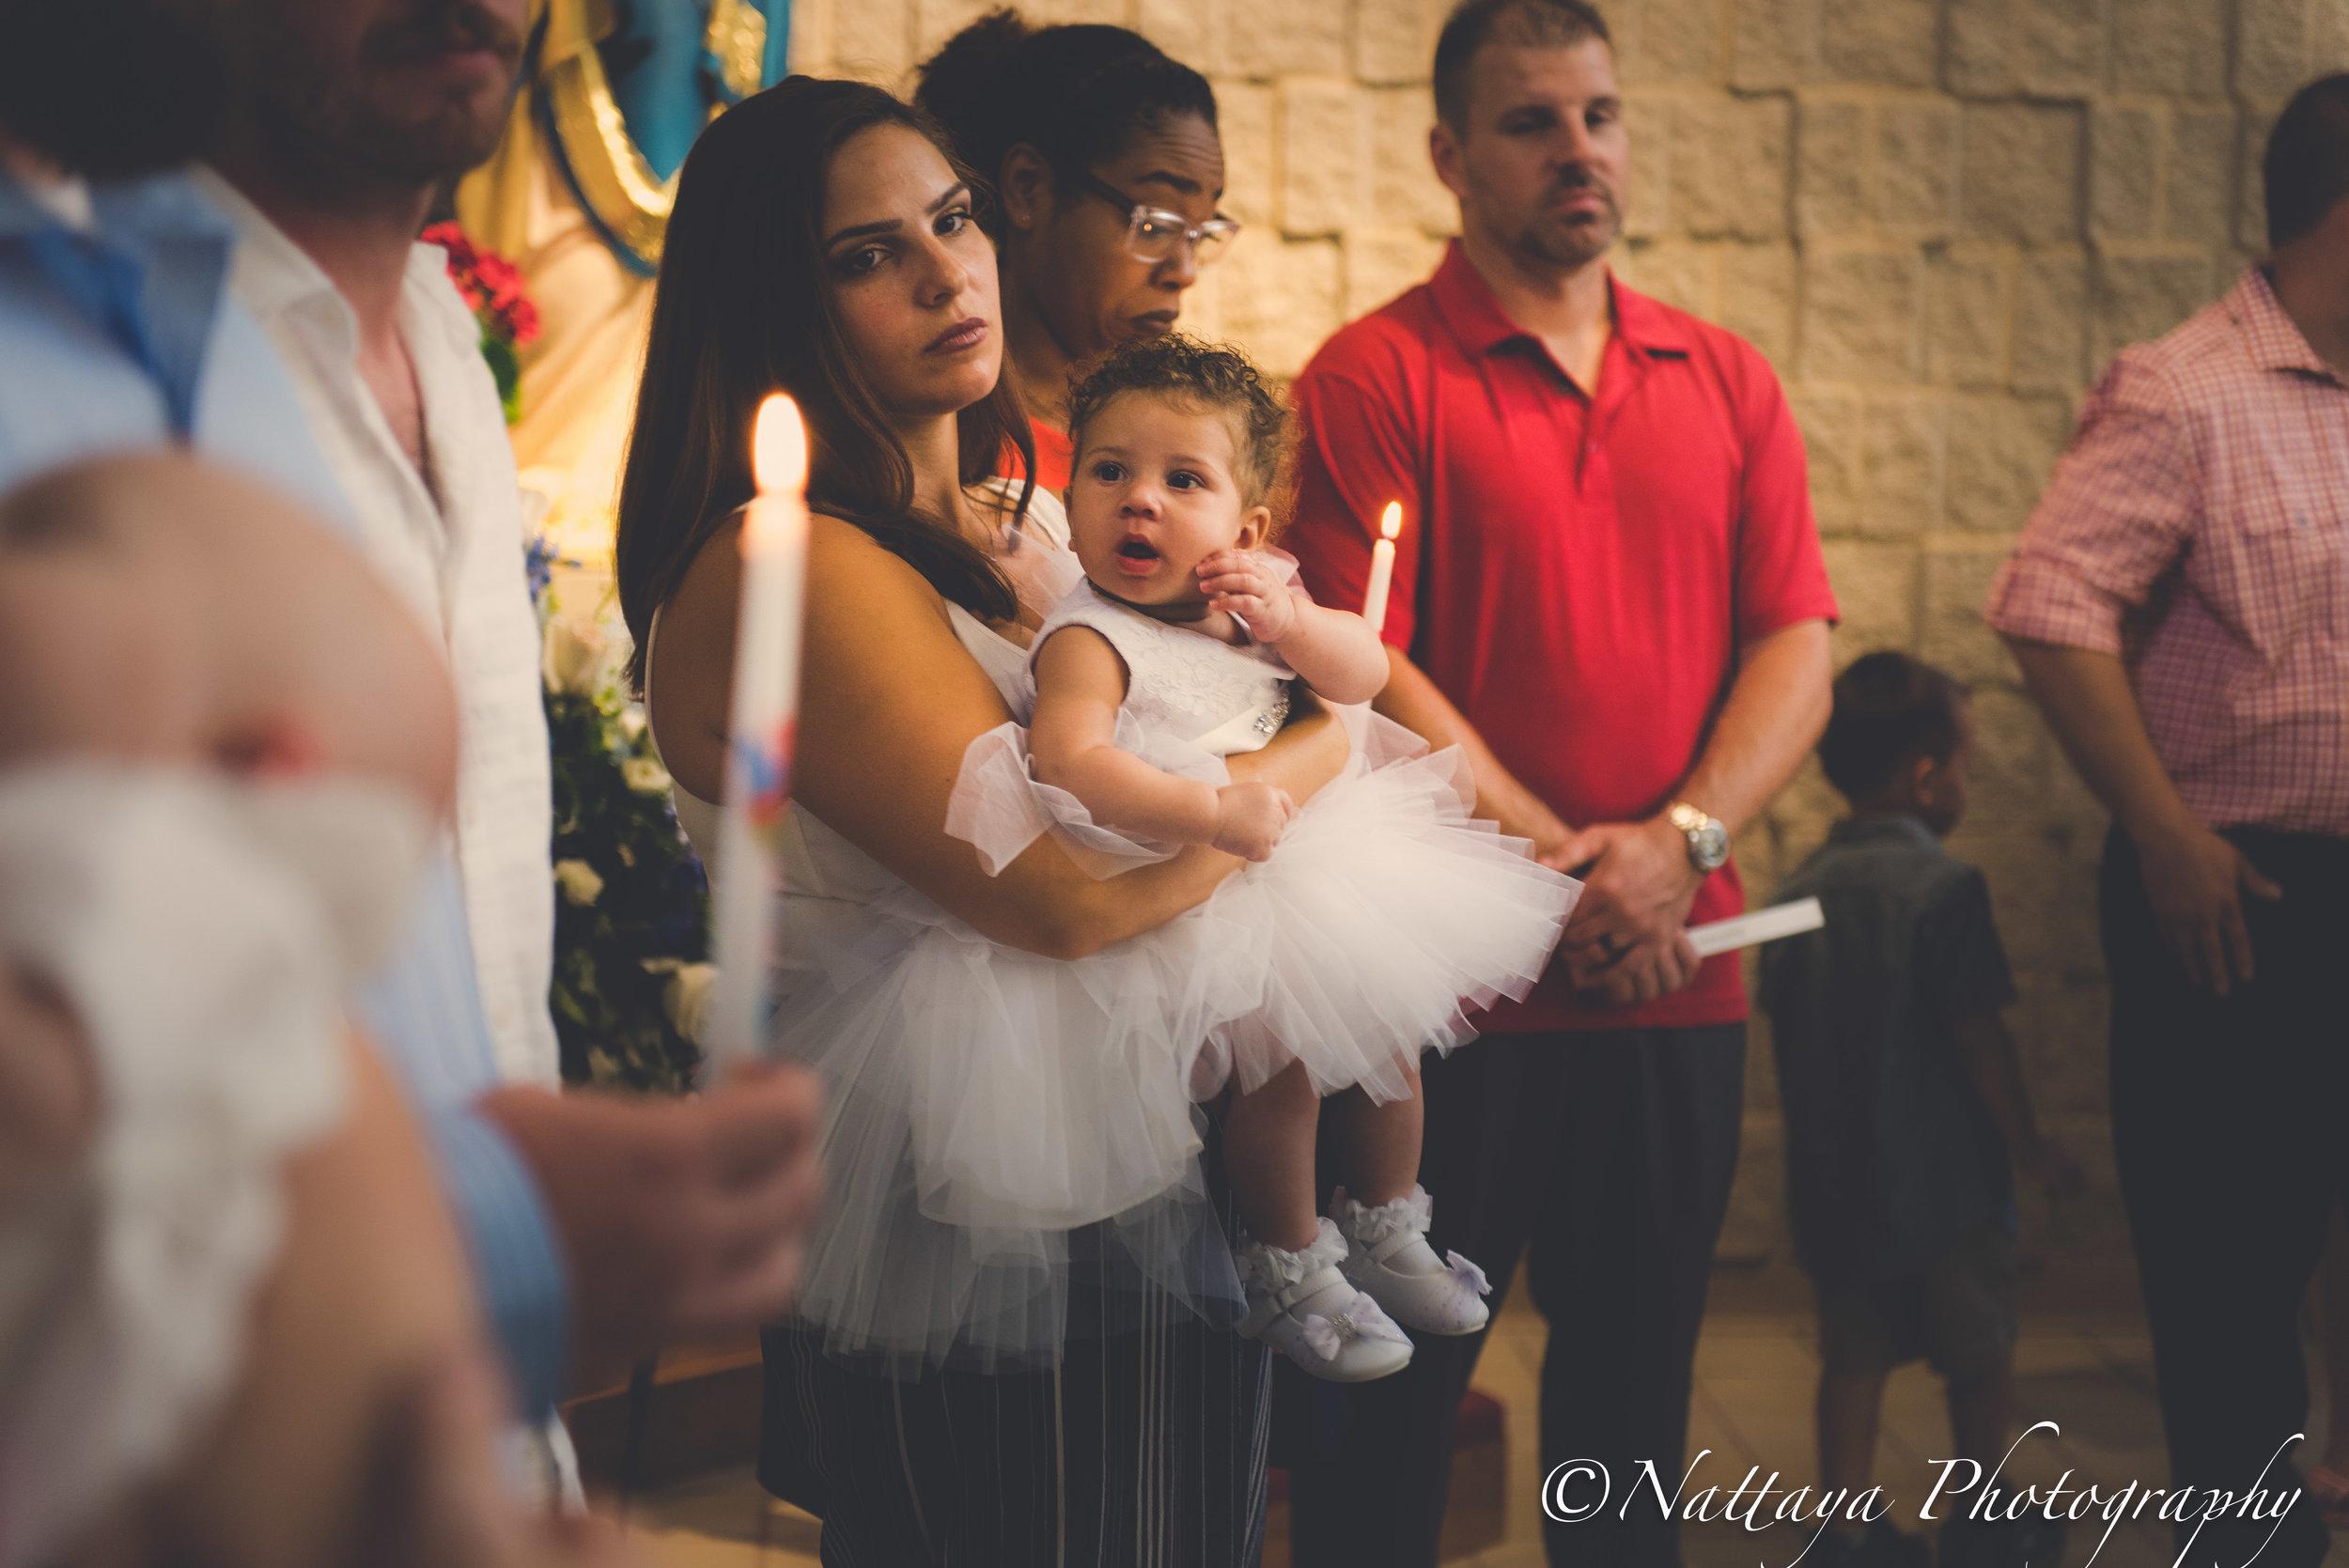 NIcole Baptism  N21_0704  2192019.JPG